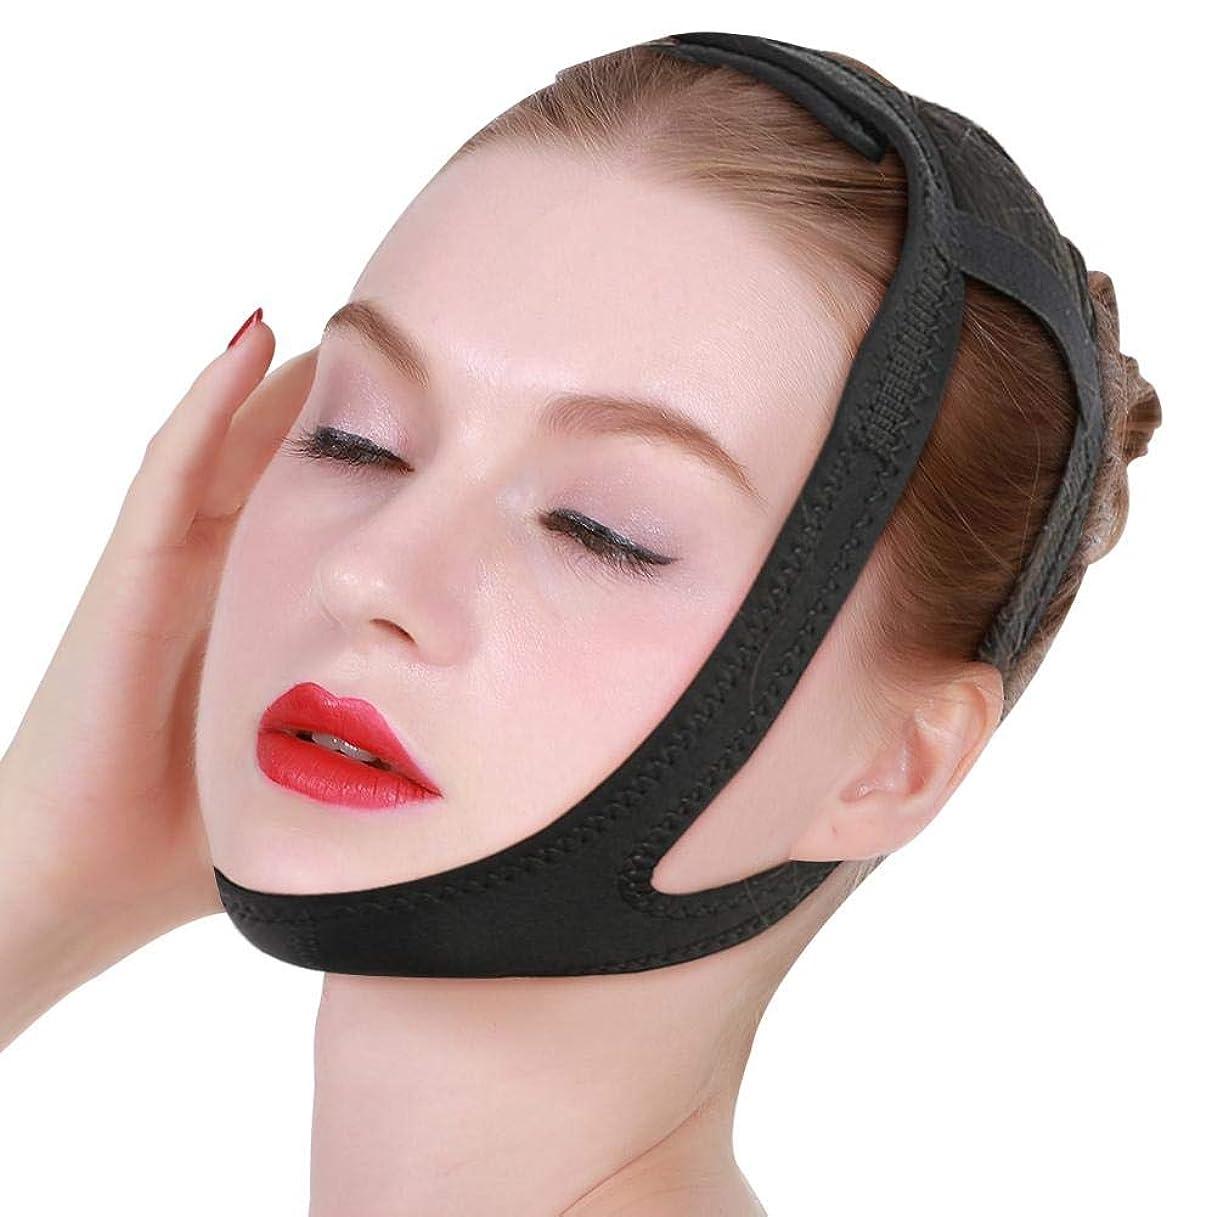 悪因子咳内側フェイススリミングベルト Vライン フェイススリップベルト 通気性 フェイスマスク